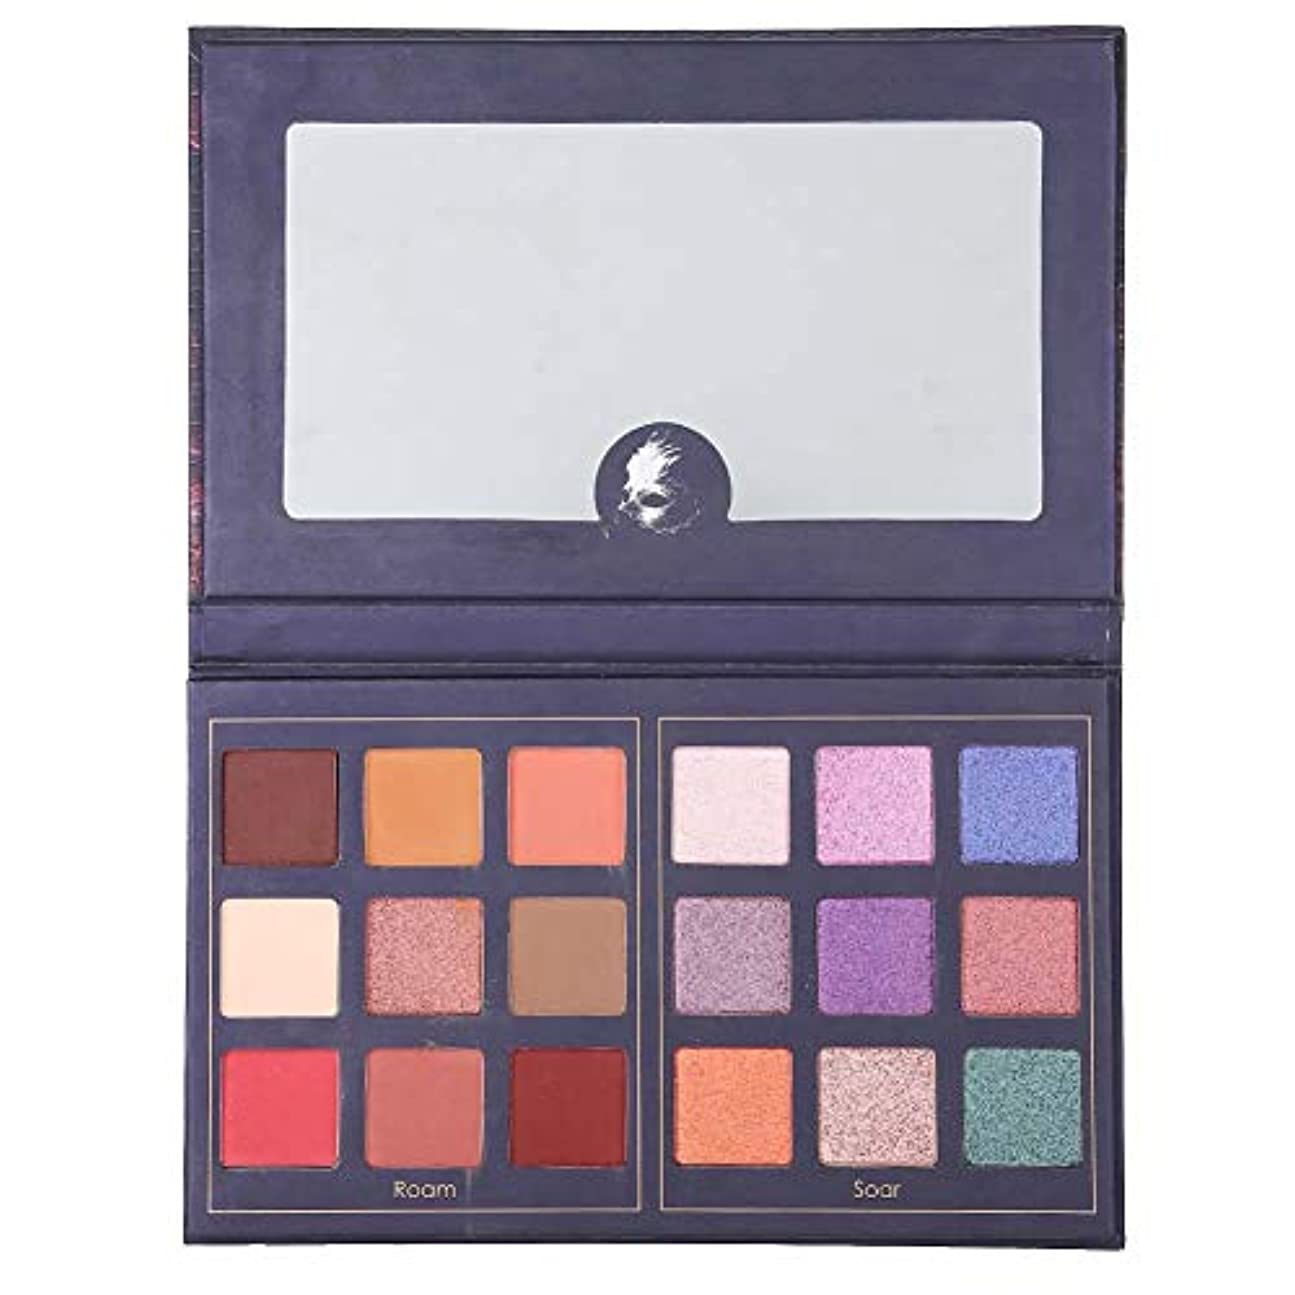 敏感なに変わるアイシャドウパレットグリッター 18色 美しい 化粧品アイシャドウ化粧パウダー